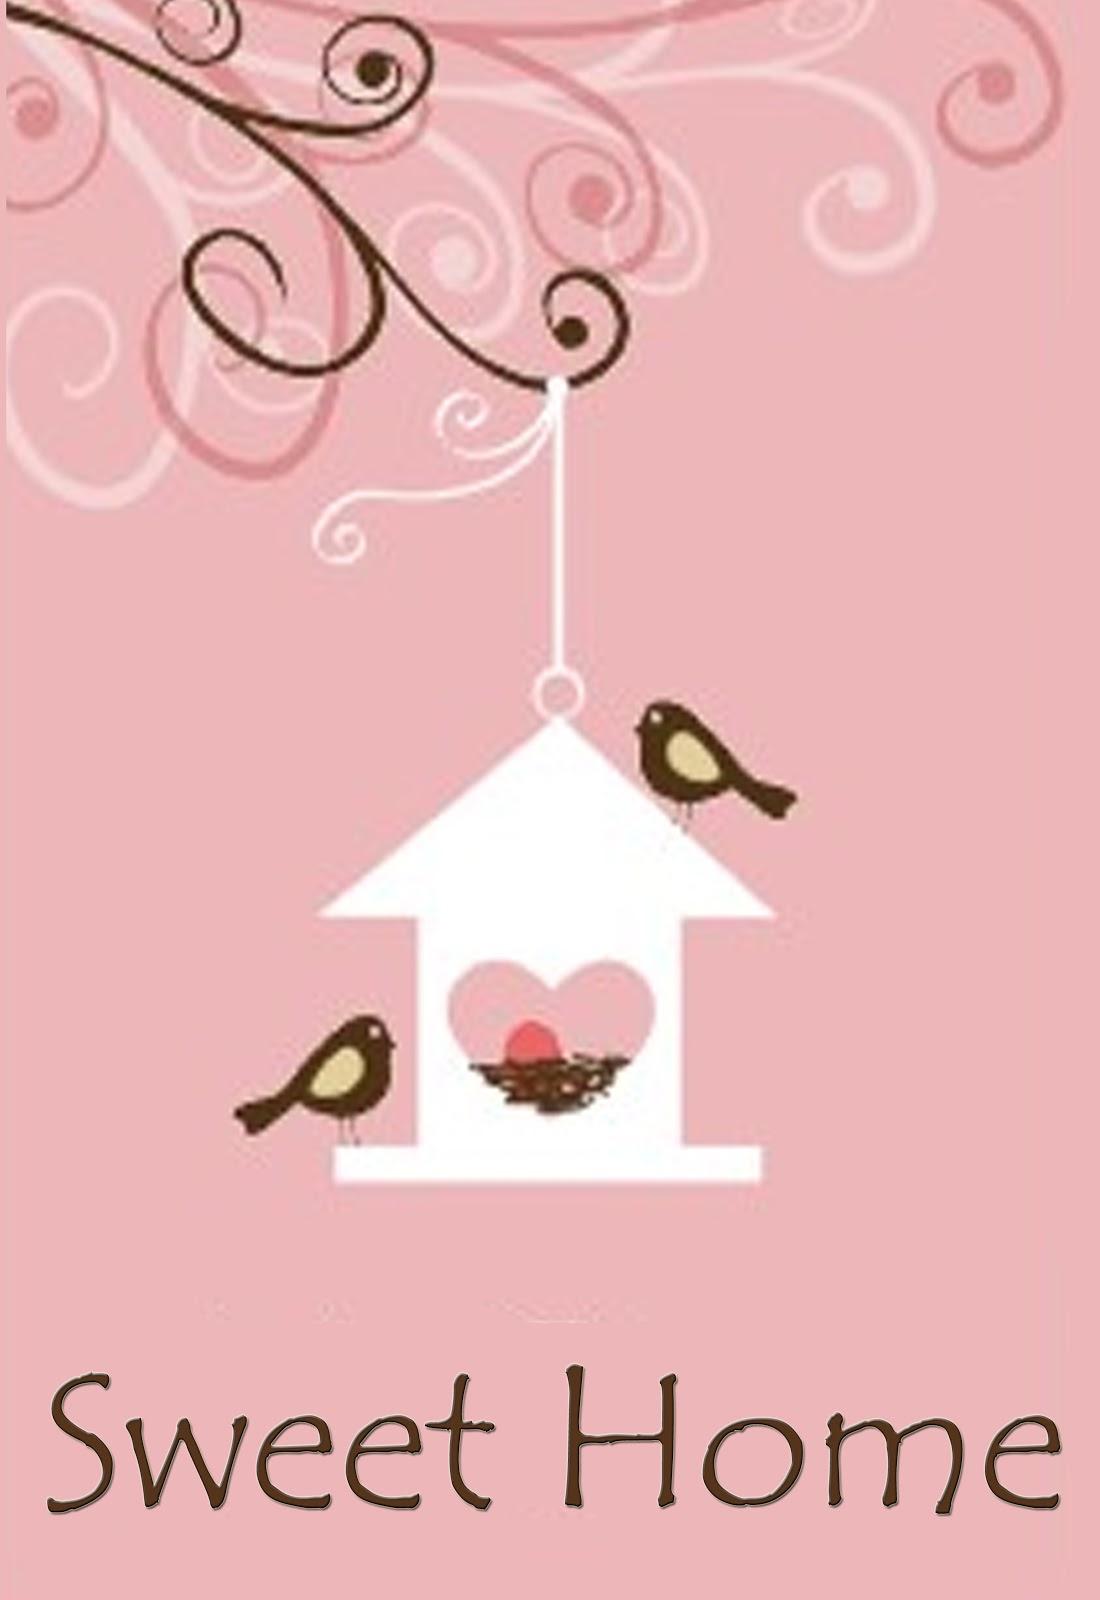 sweet home. Black Bedroom Furniture Sets. Home Design Ideas